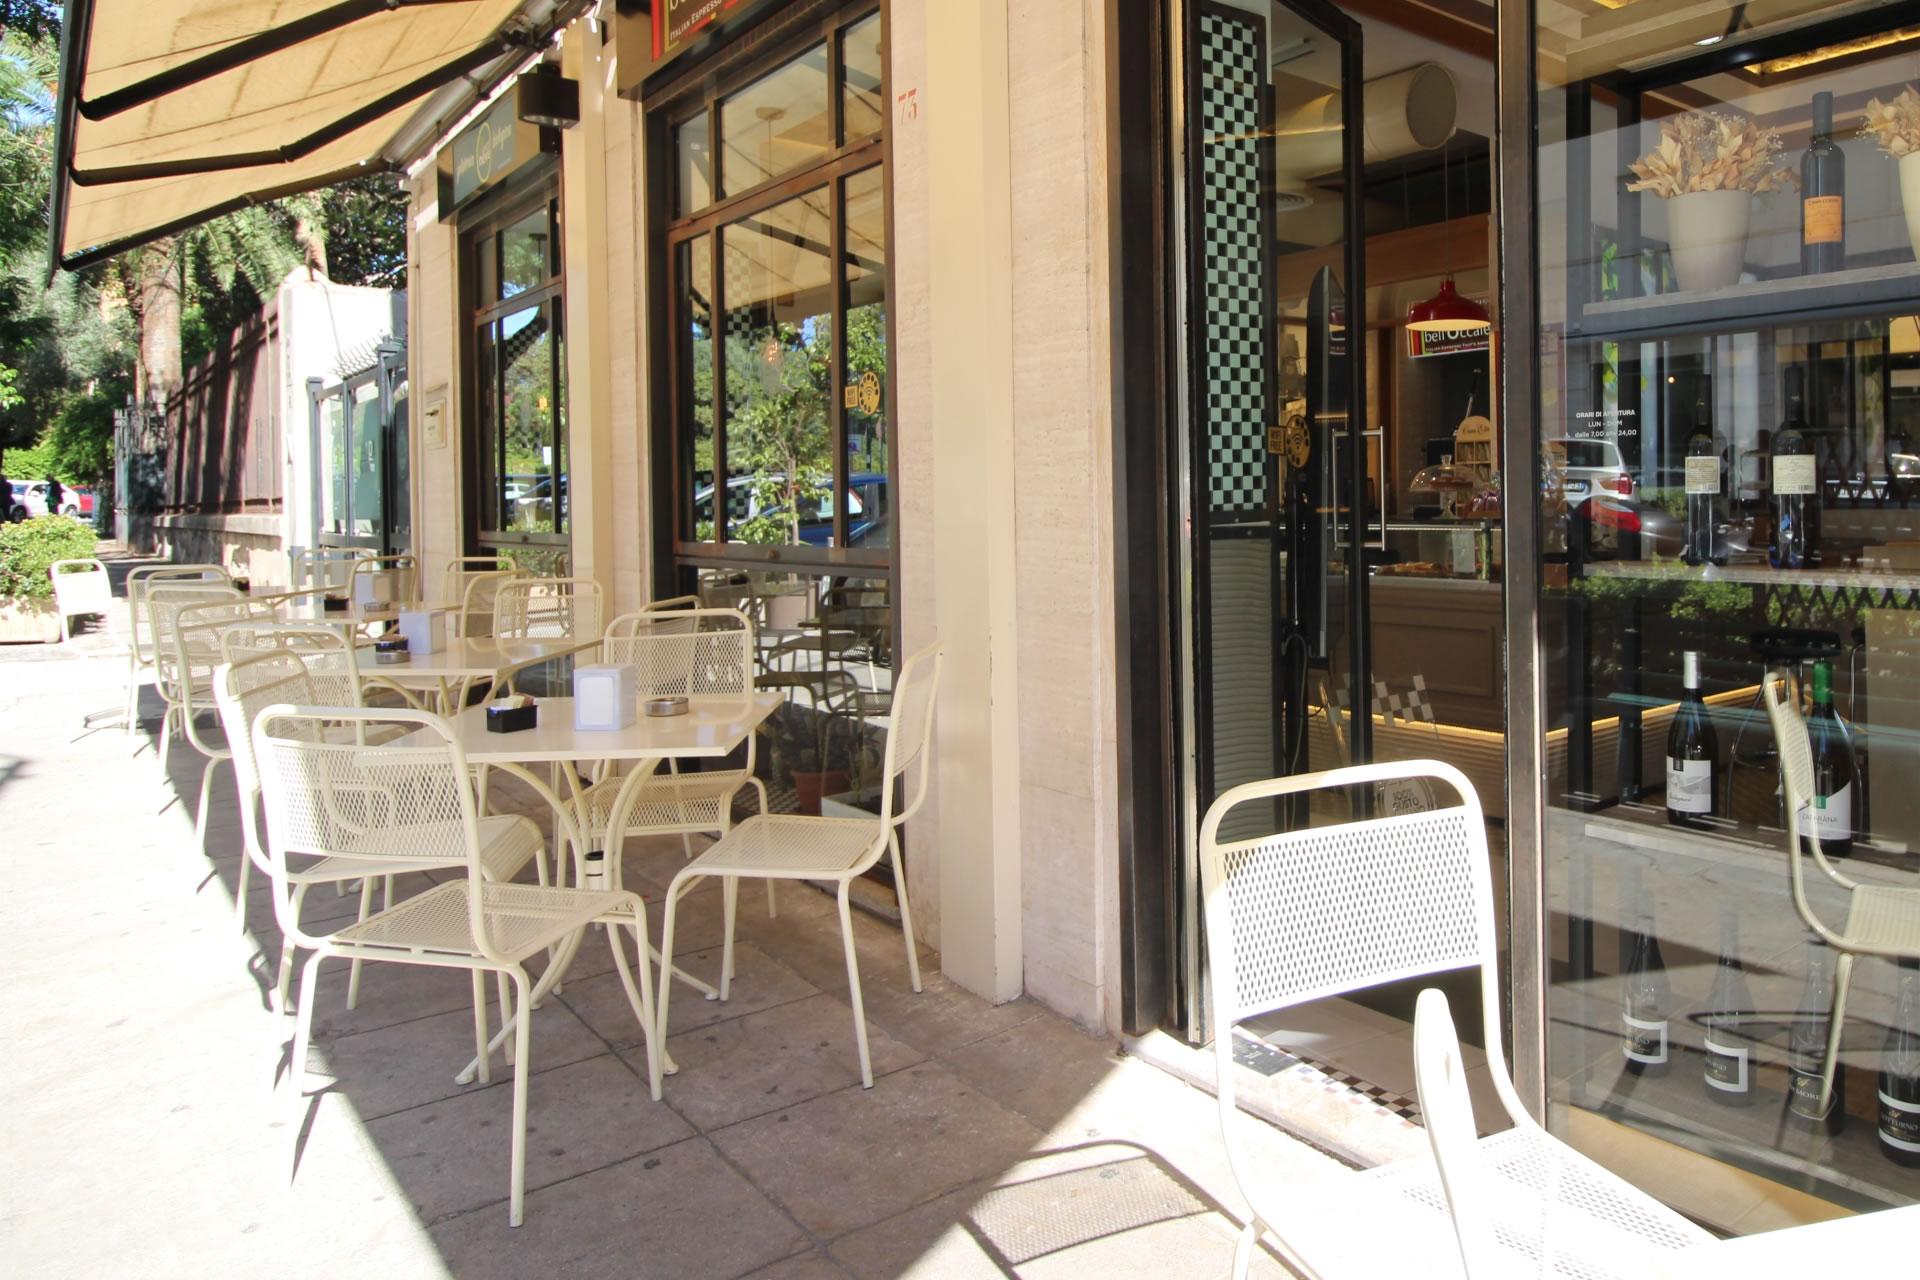 Aiuti alle imprese a Palermo: il piano Comune per bar e ristoranti